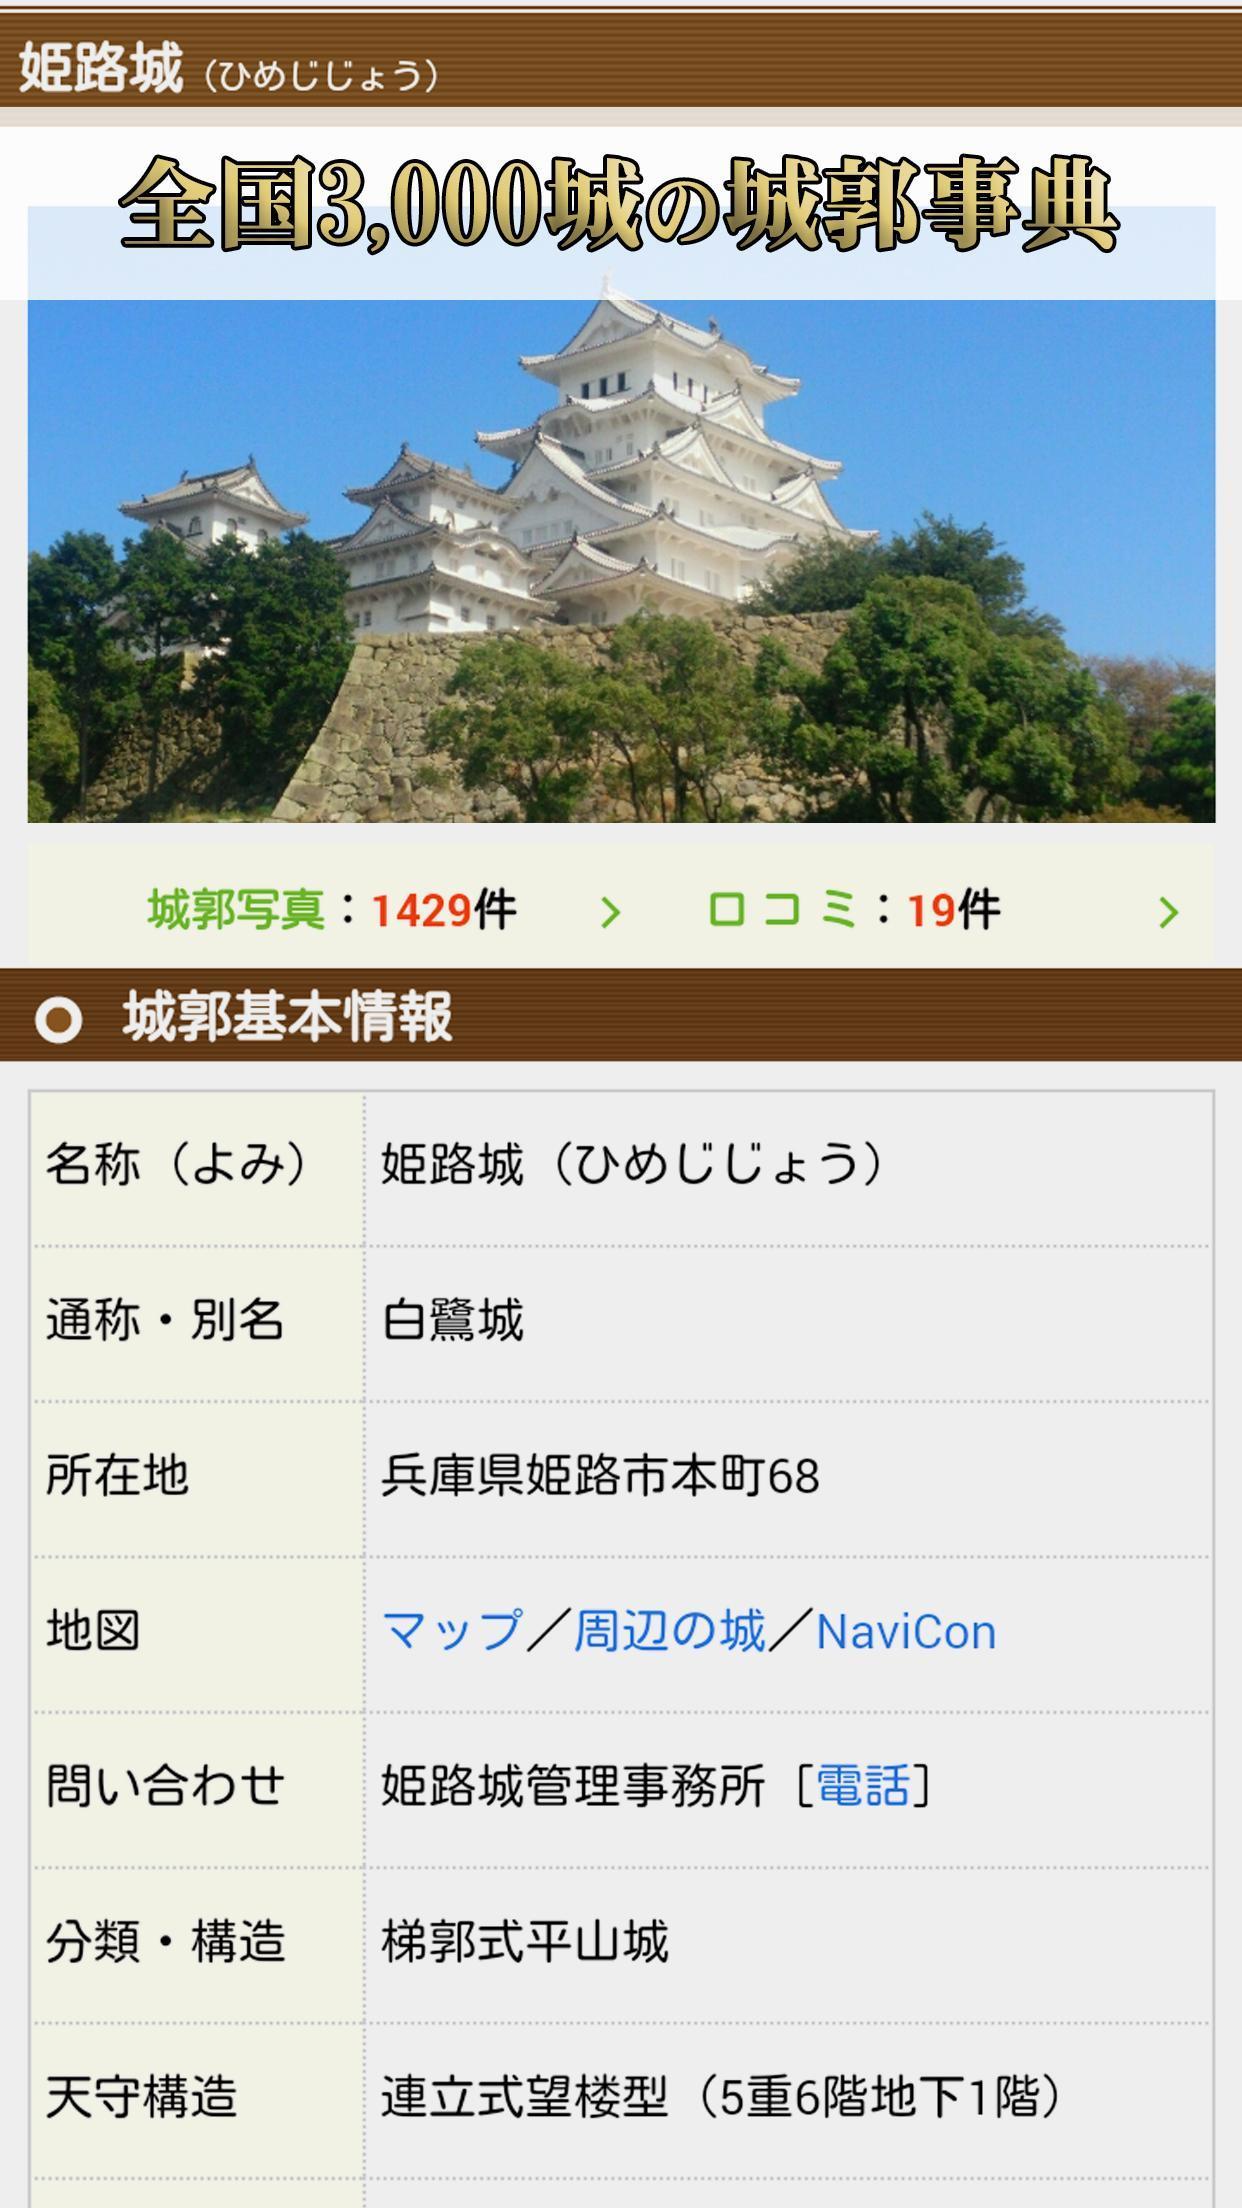 ニッポン城めぐり(無料スタンプラリー・戦国位置ゲーム) 4.6.1 Screenshot 12